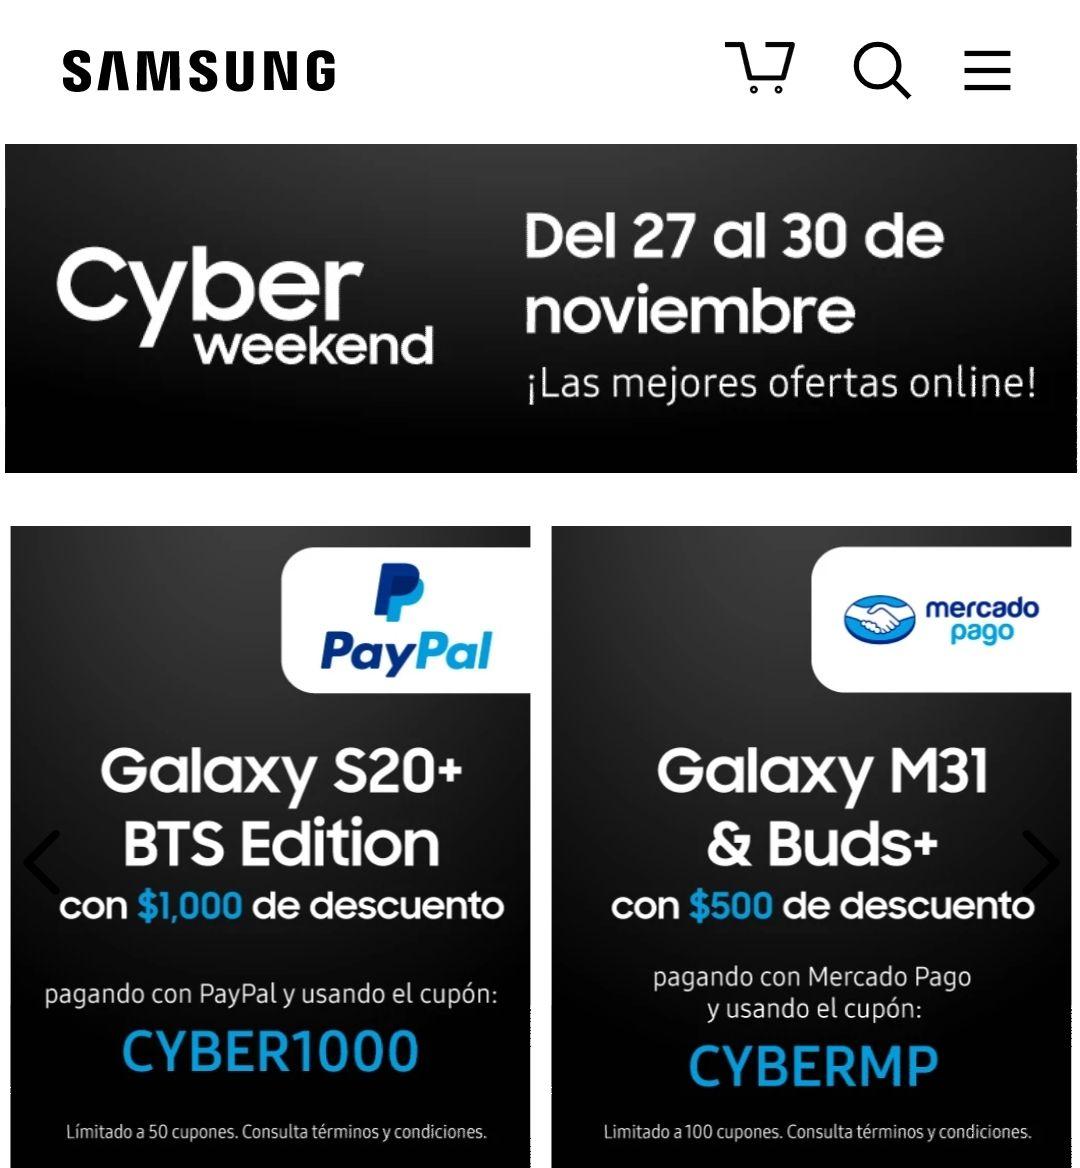 Samsung: 1000 de descuento en galaxy s20+ y 500 en audifonos